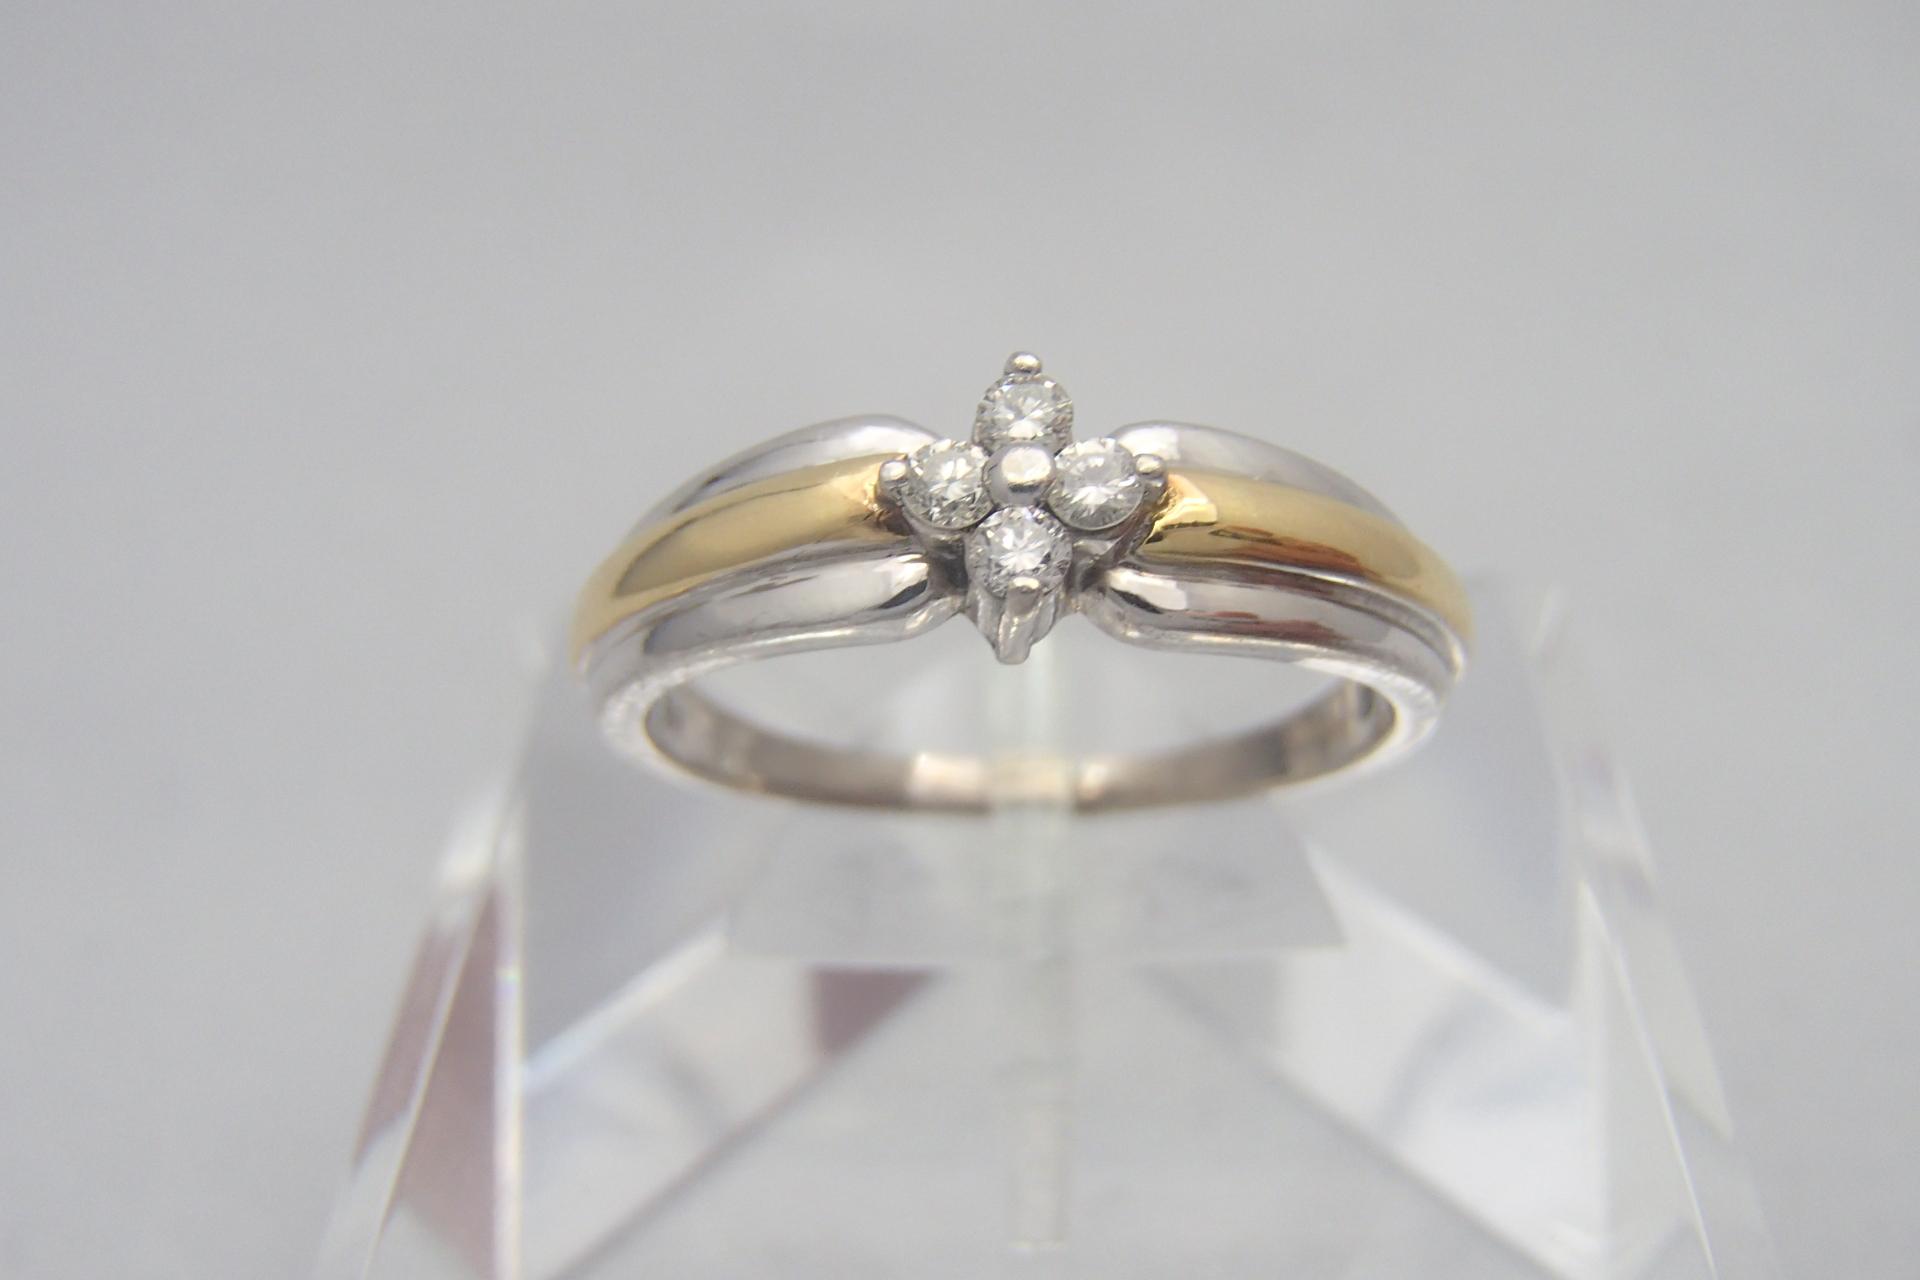 ダイヤモンドの品質の良いブランドを紹介